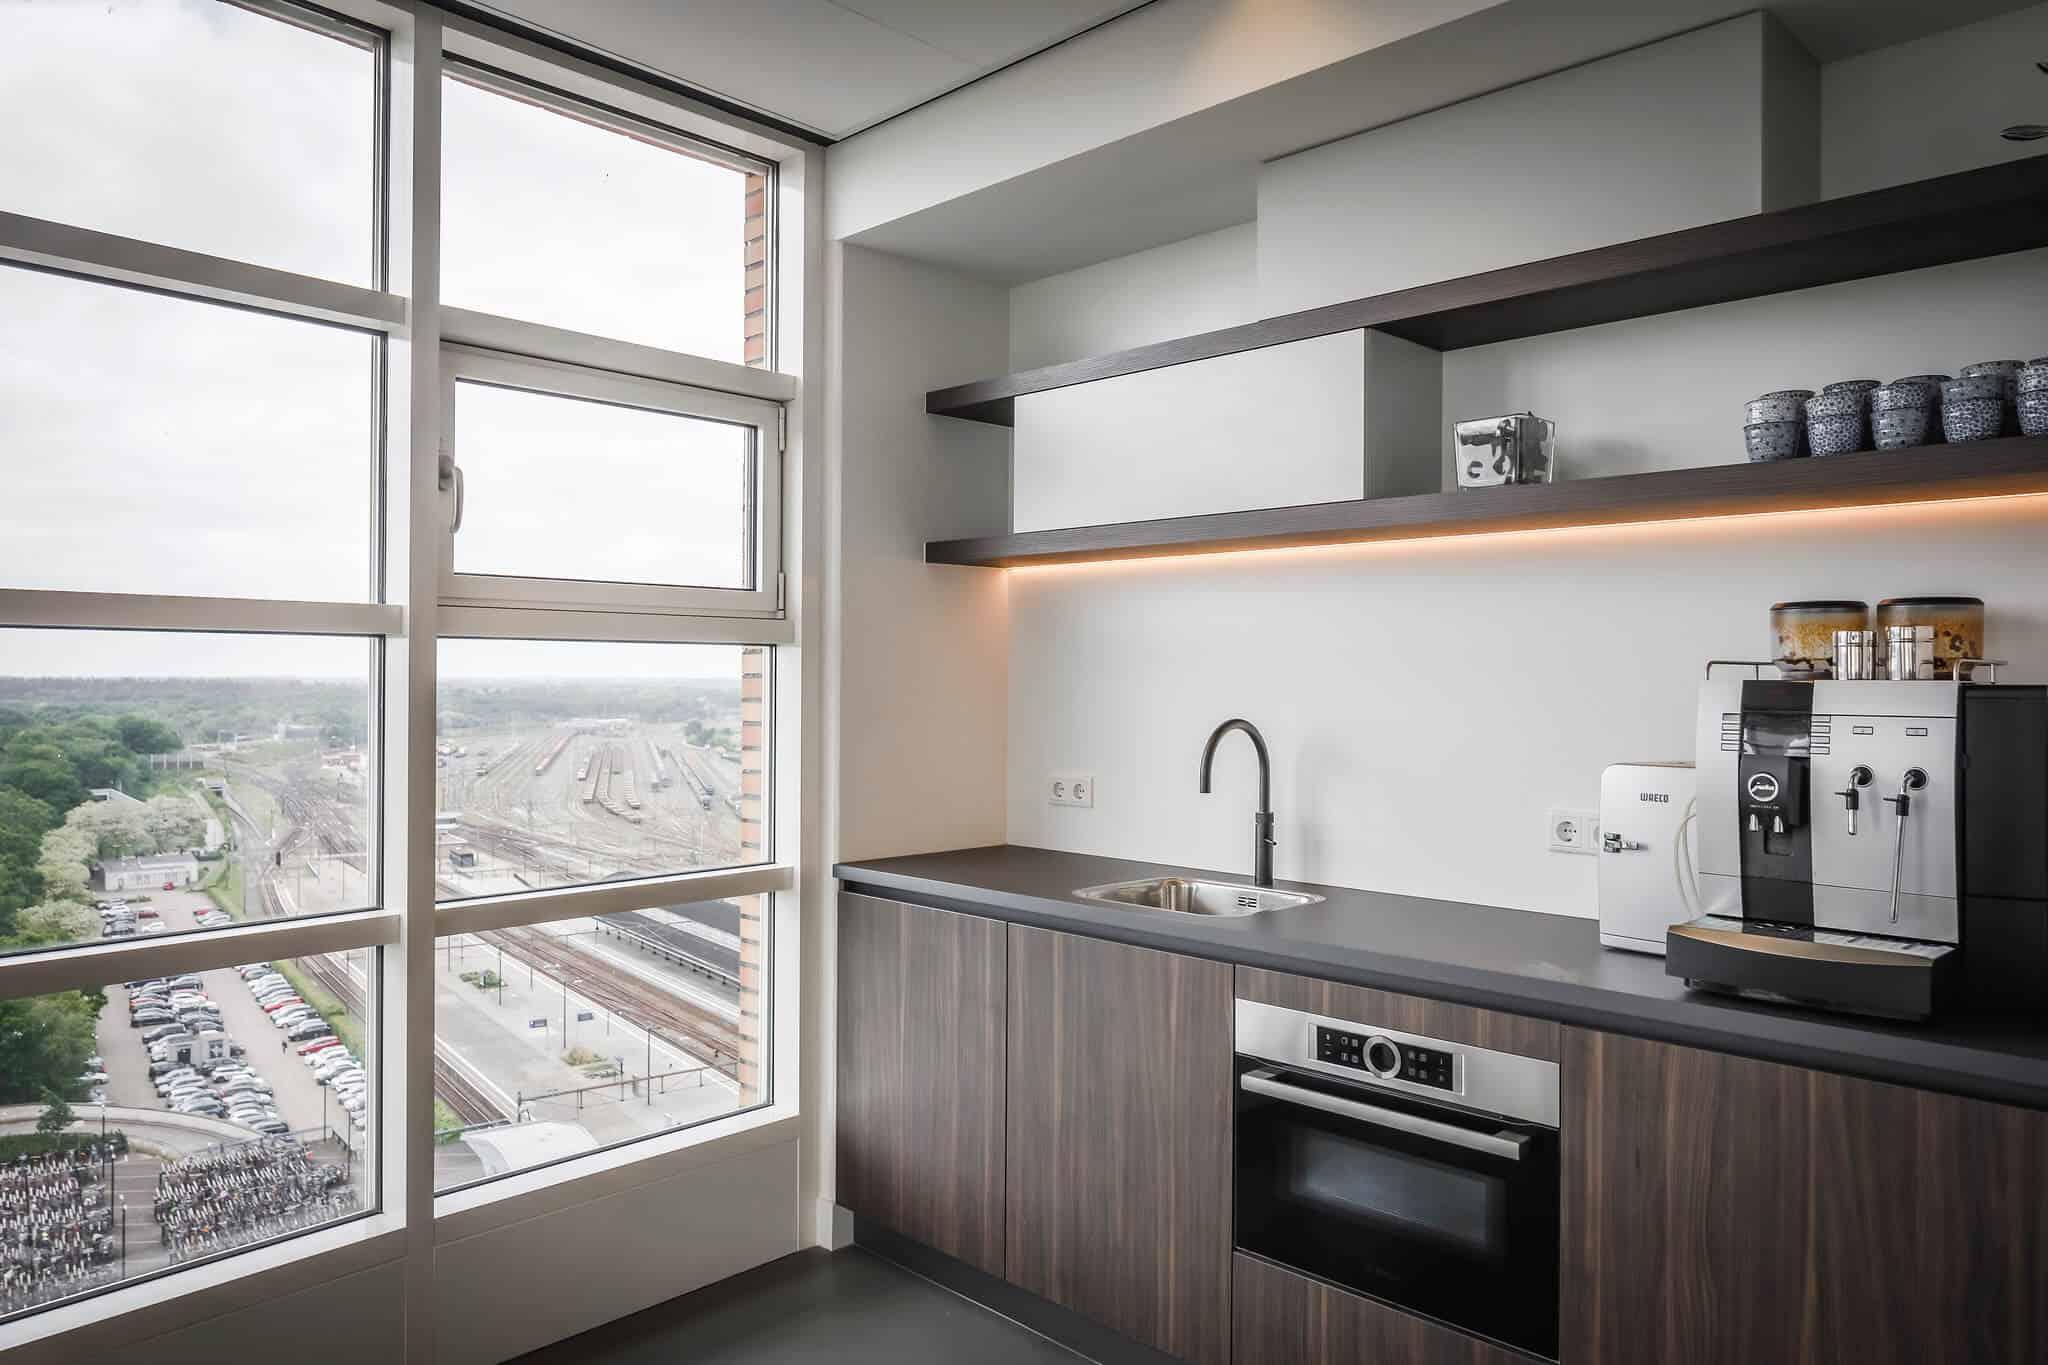 Wildenberg ontwerpt kantoor Delamine indirecte verlichting keuken pantry